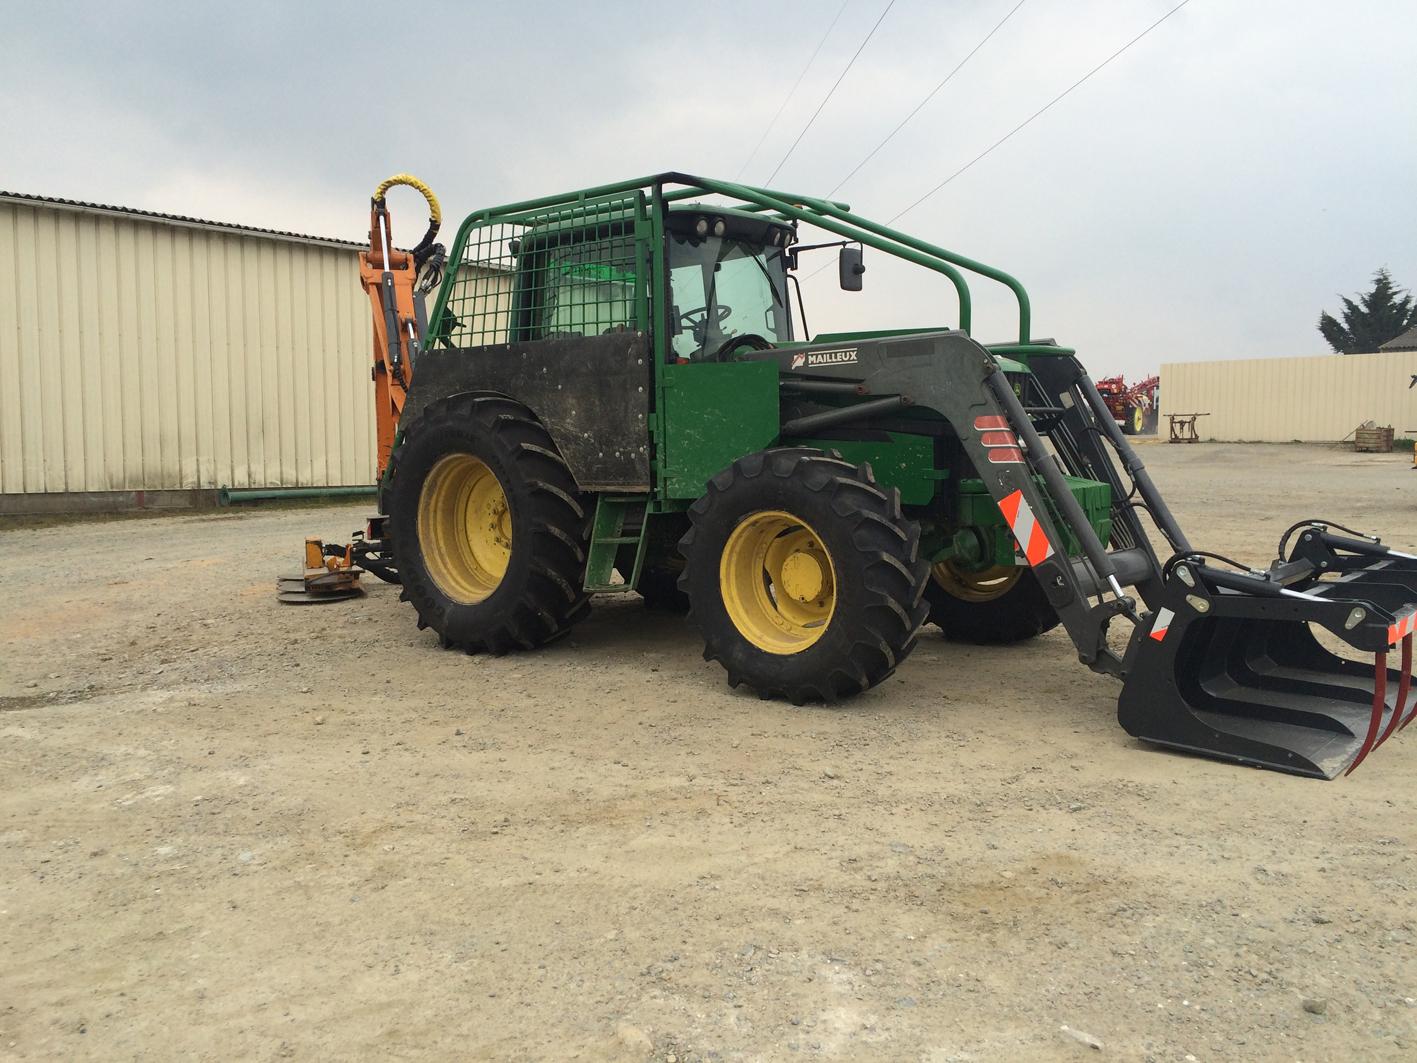 Tracteur tailleuse 6920 - Avec tailleuse ROUSSEAU 7m50 - Lamier et broyeur